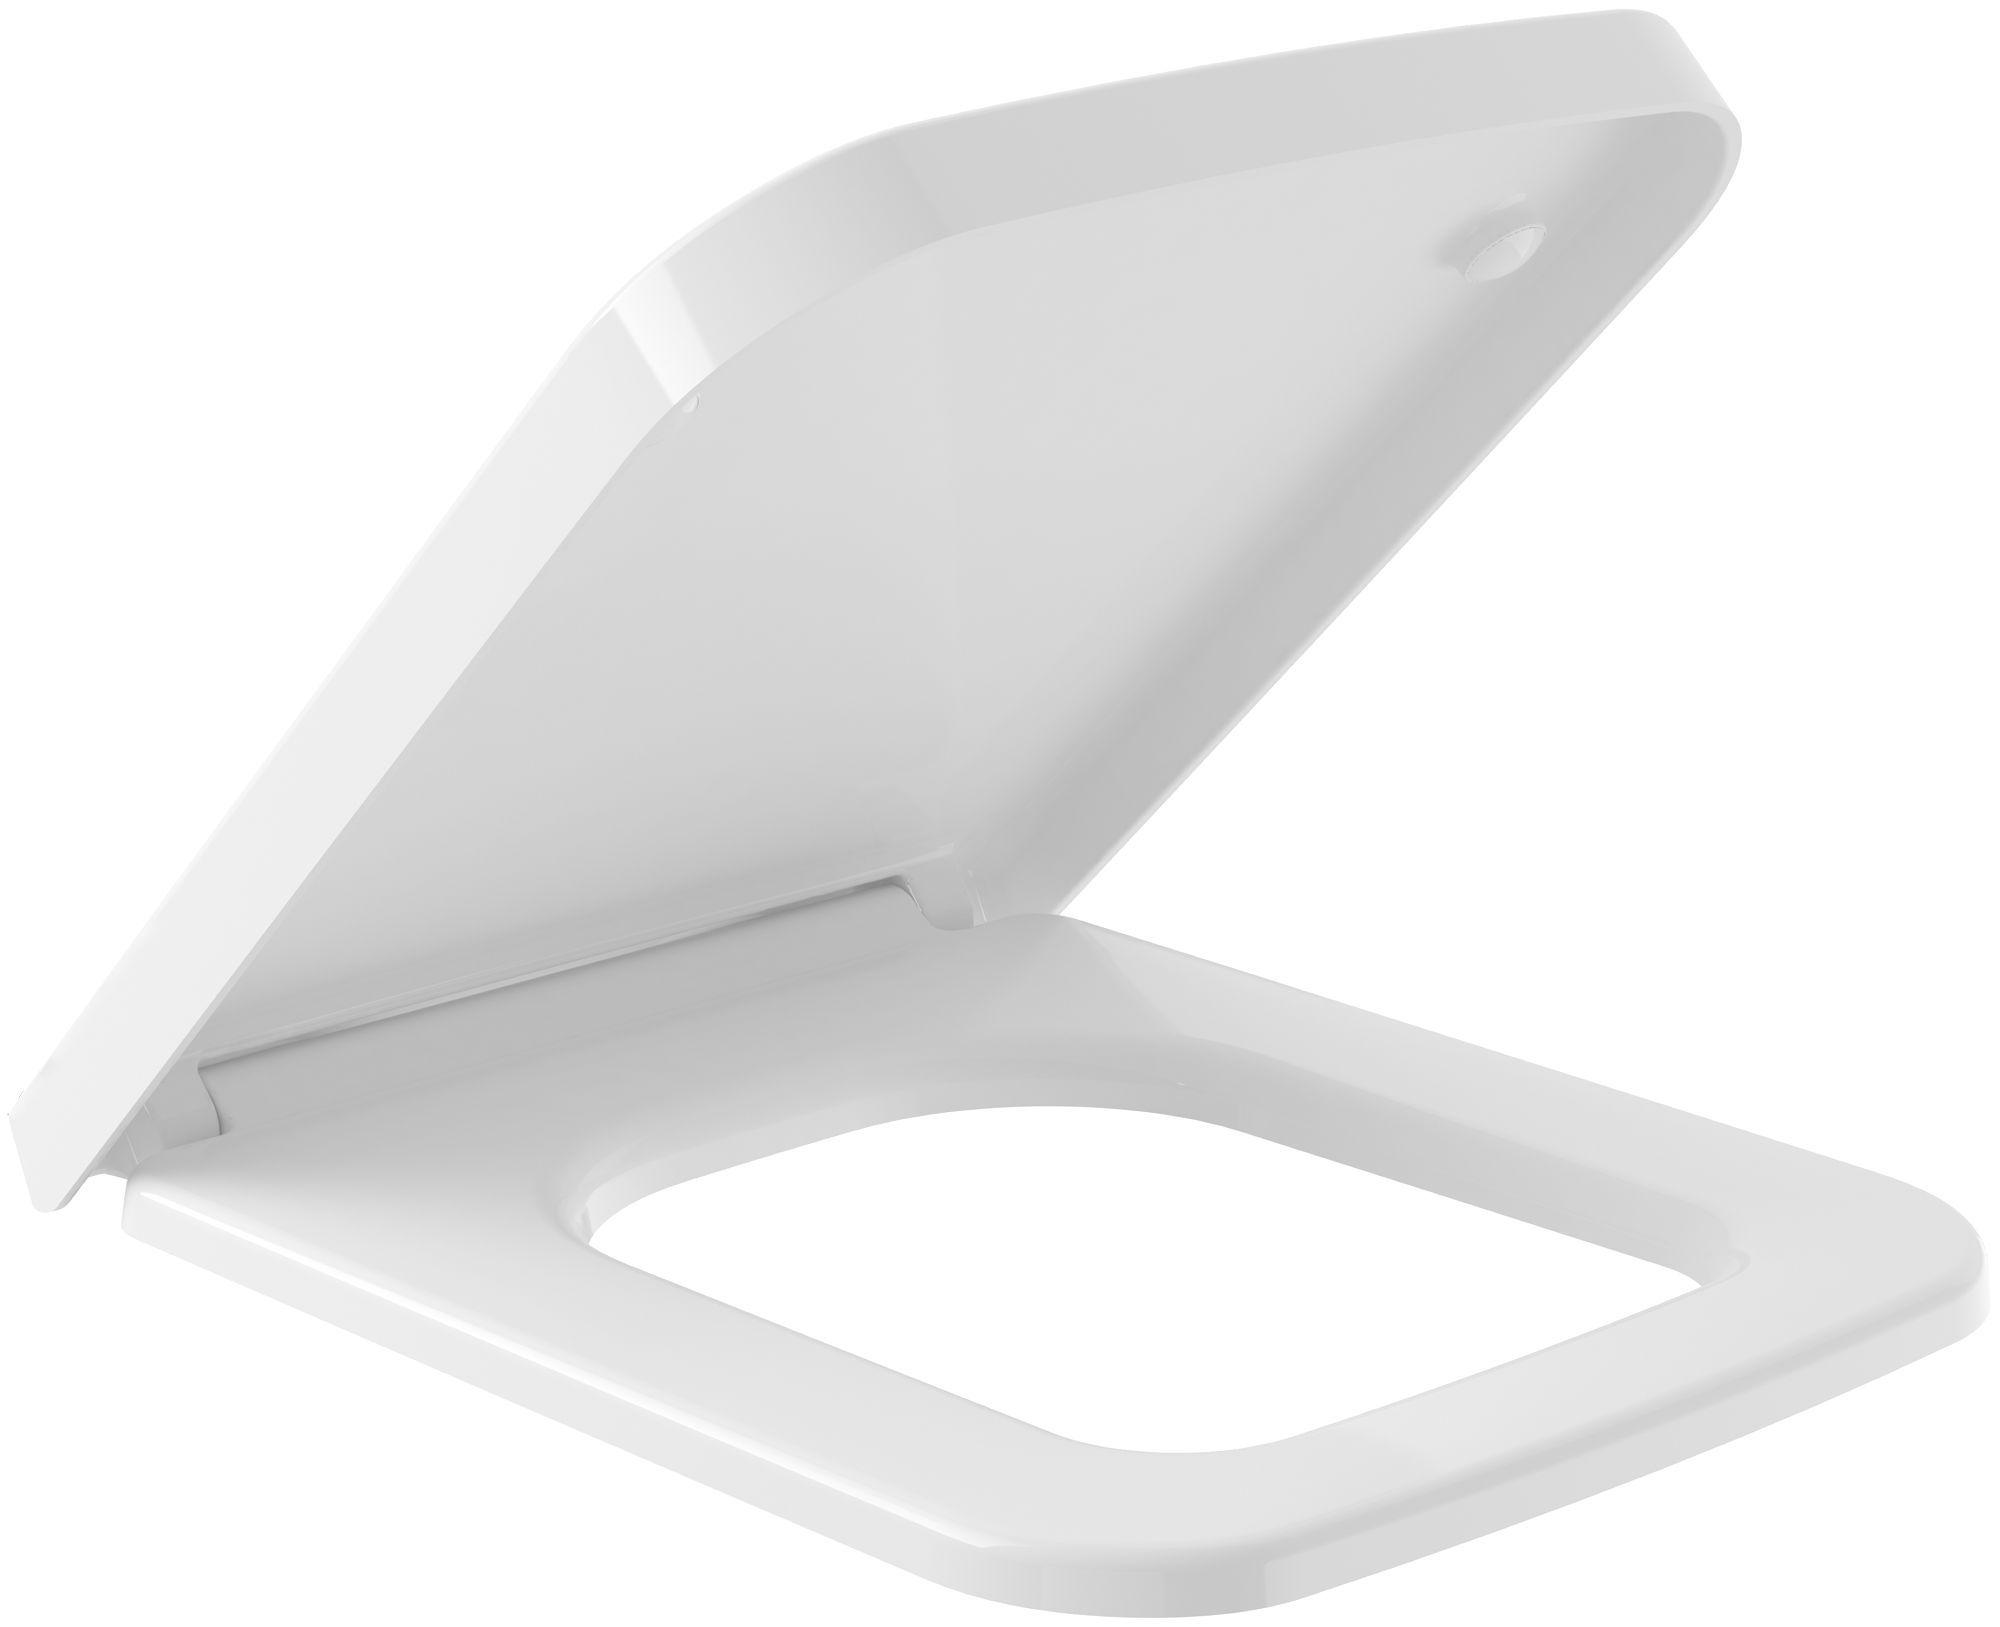 Villeroy & Boch Finion WC-Sitz mit Absenkautomatik weiß Ceramicplus 9M88S1R1